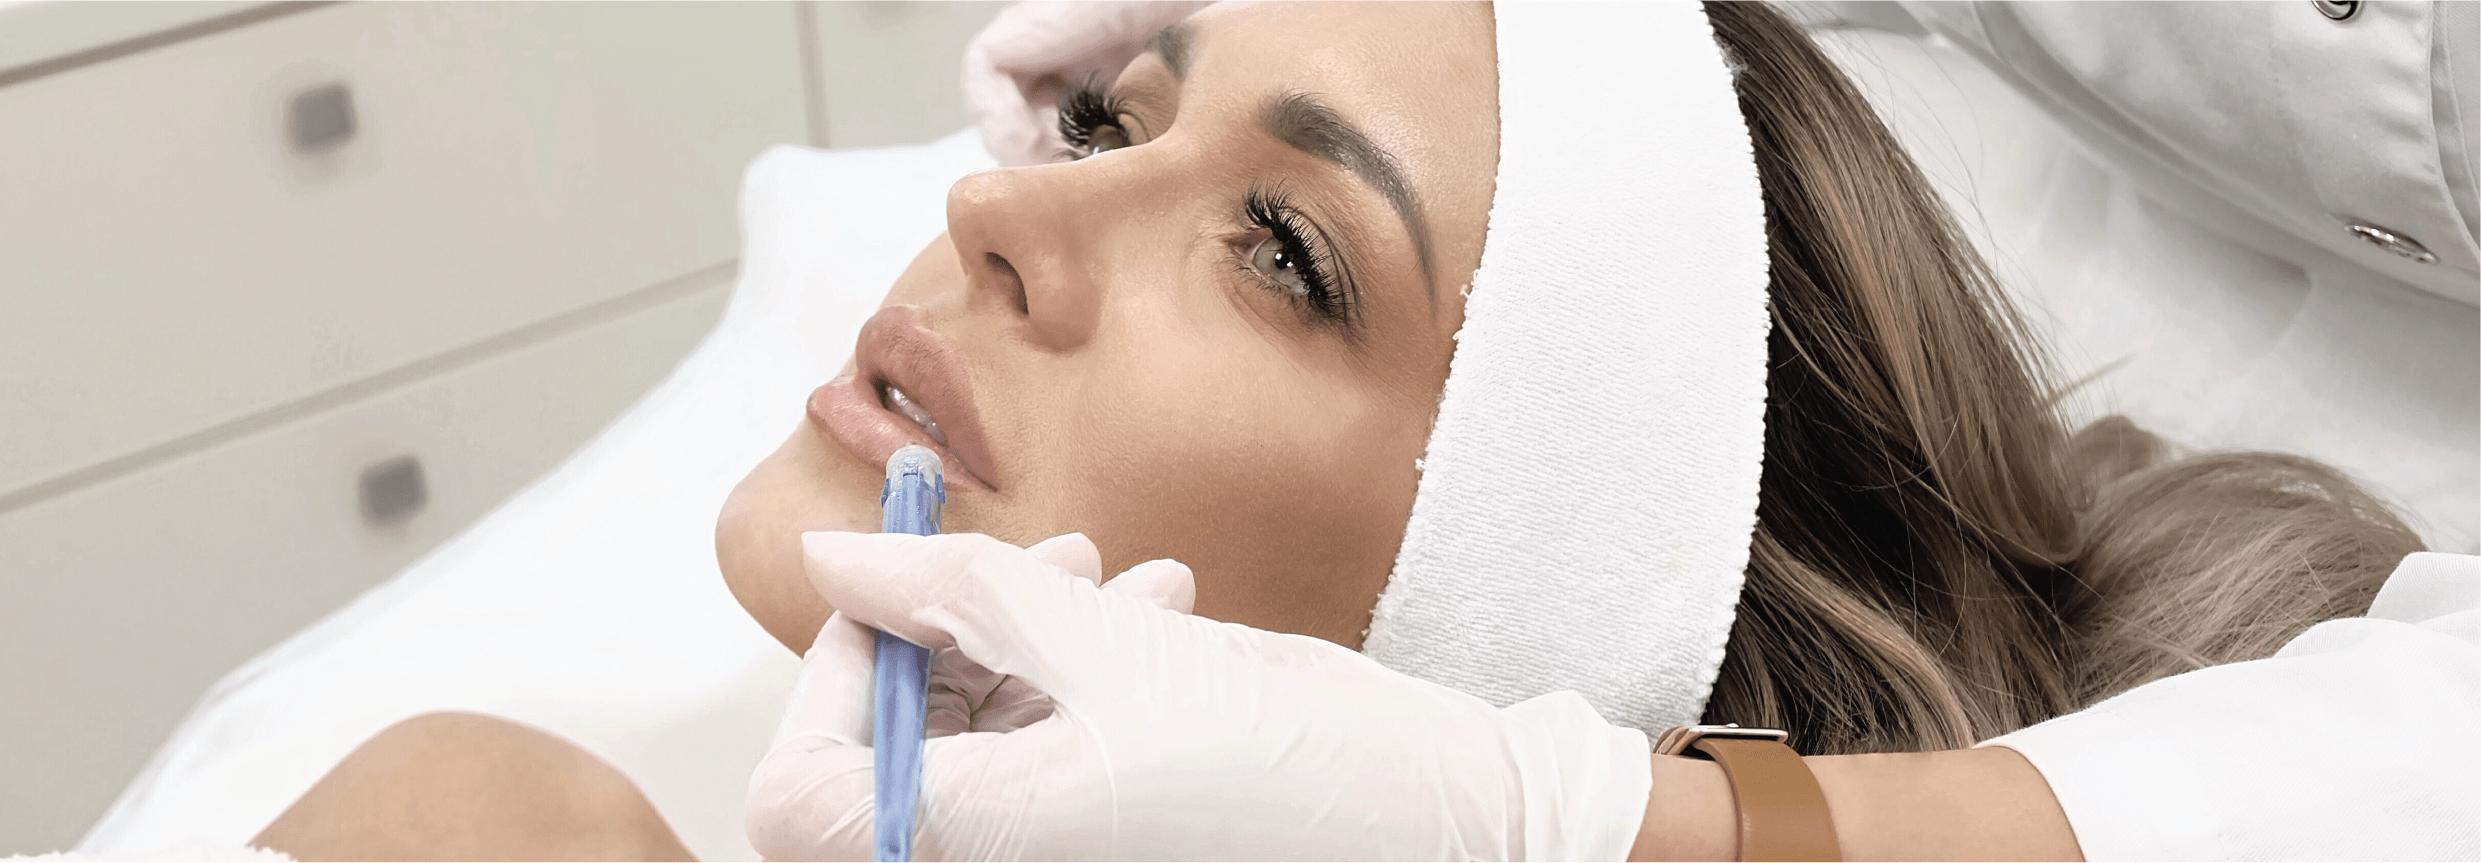 JETPEEL lūpoms -negyvųjų odos ląstelių pašalinimas, drėgmės atkūrimas